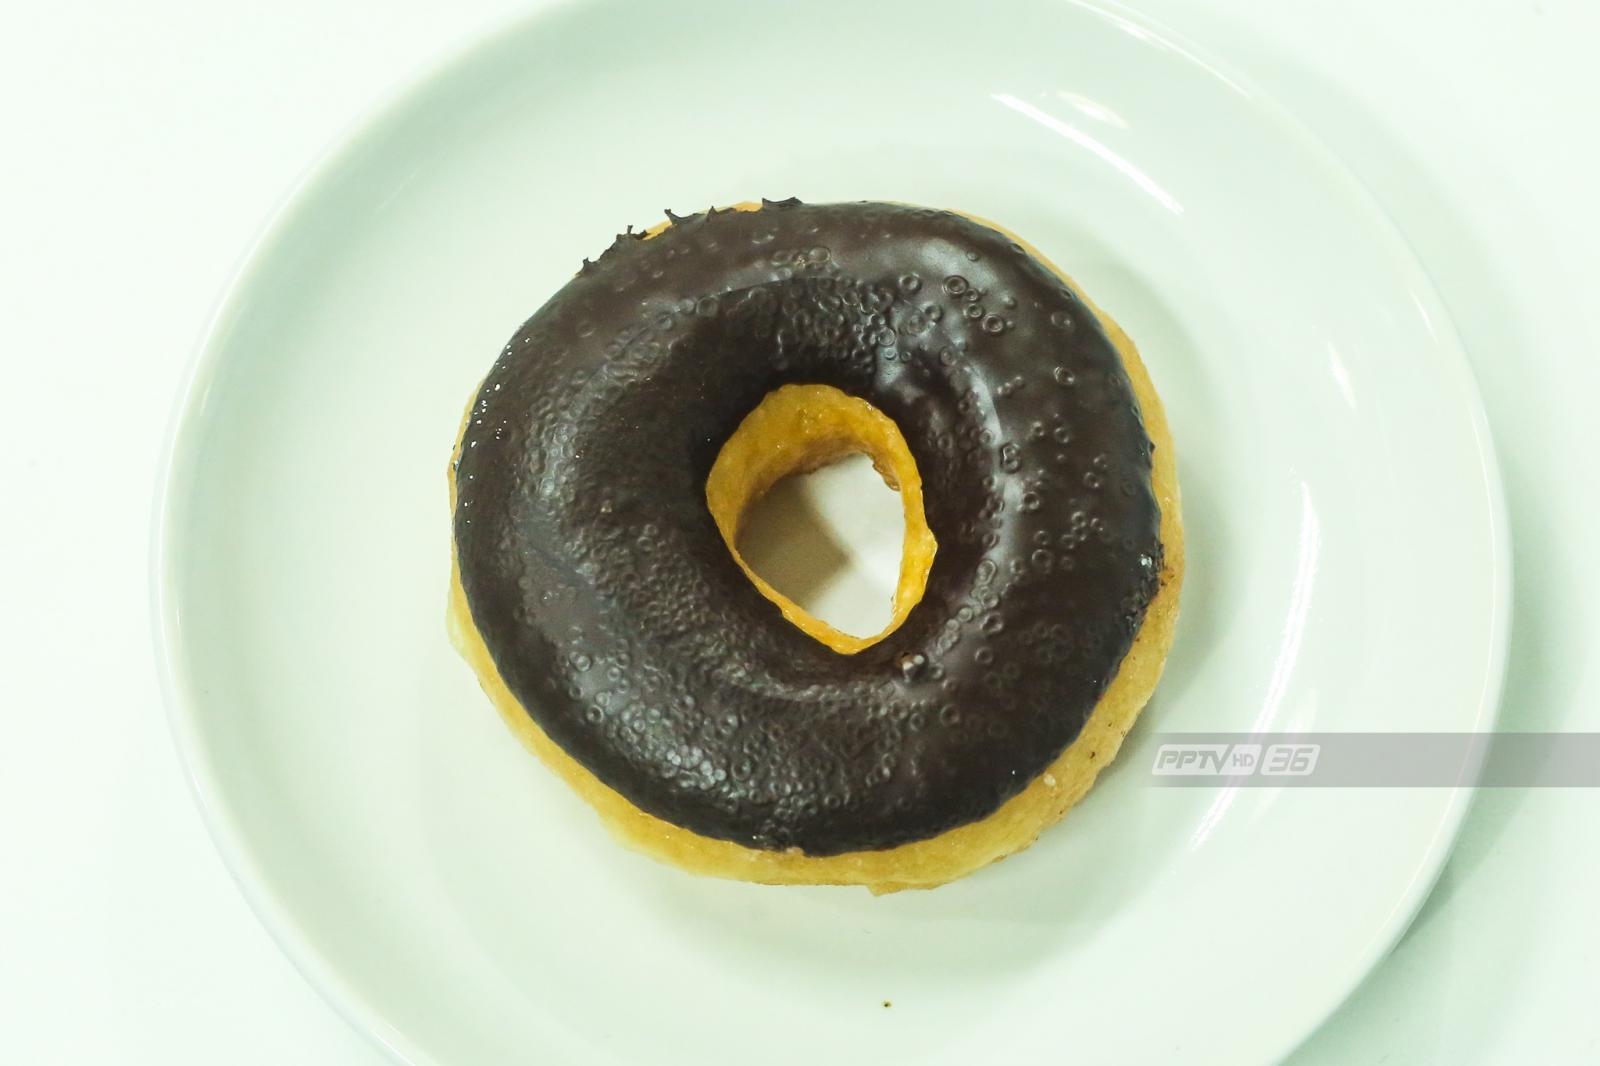 เปิดค่าไขมันทรานส์ในโดนัทช็อกโกแลตหลายยี่ห้อ สูงเกินเกณฑ์ WHO